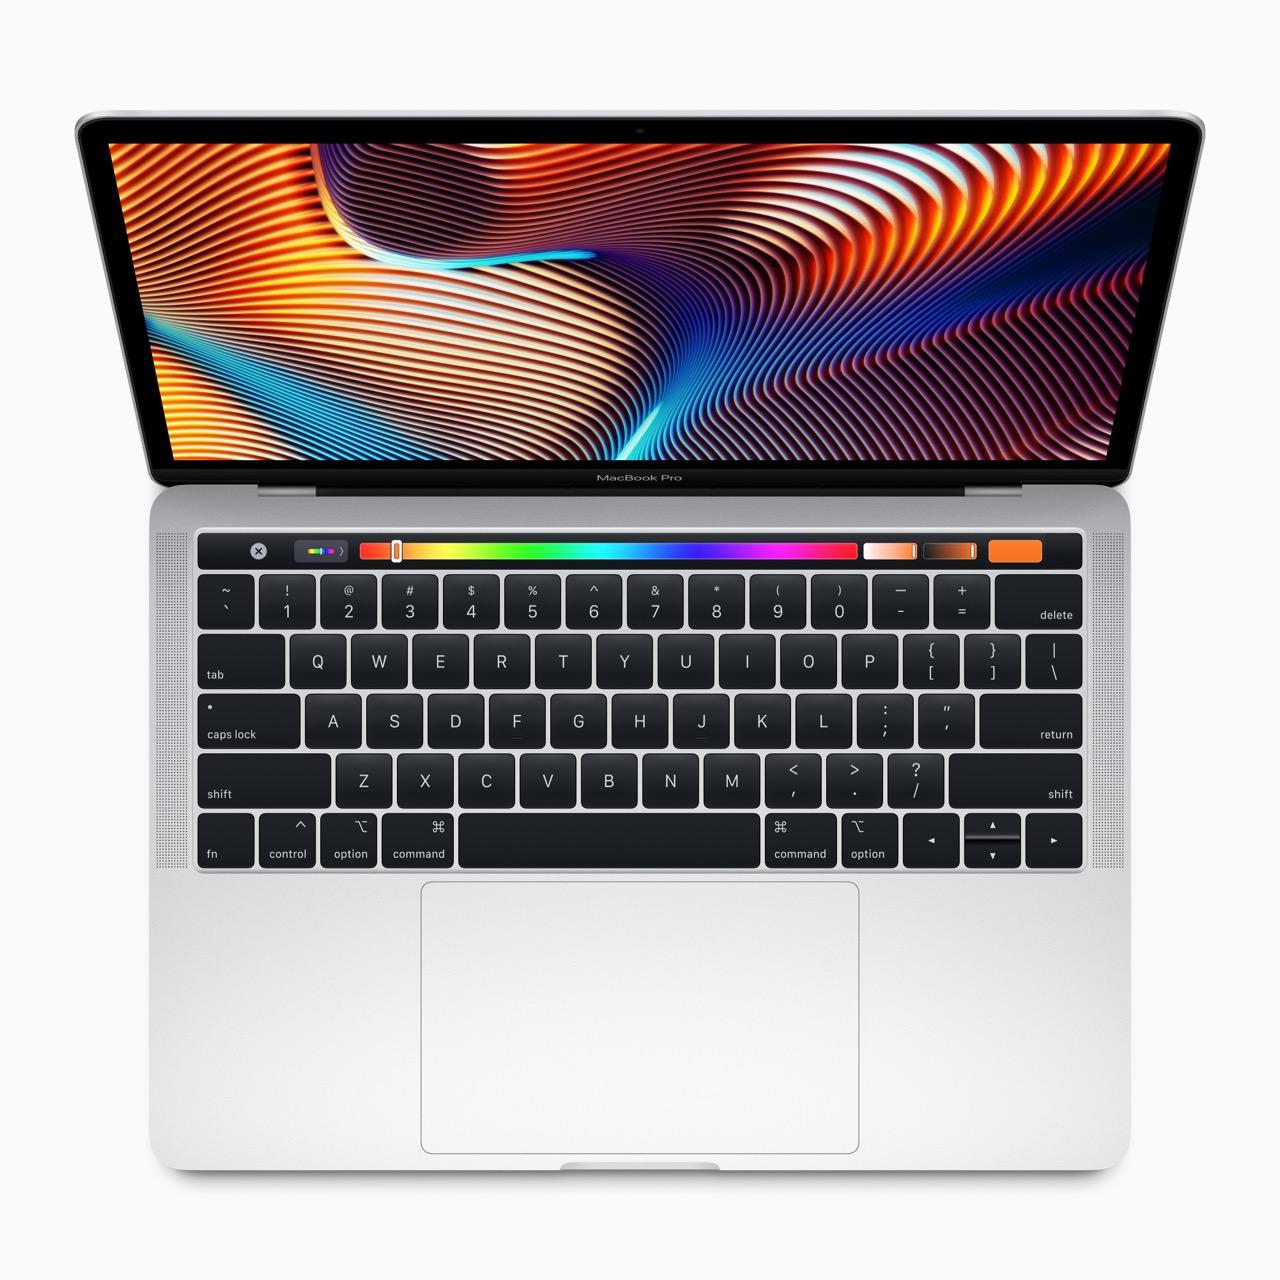 「MacBook Pro」13インチモデルがアップデートでエントリーモデルが139,800円に